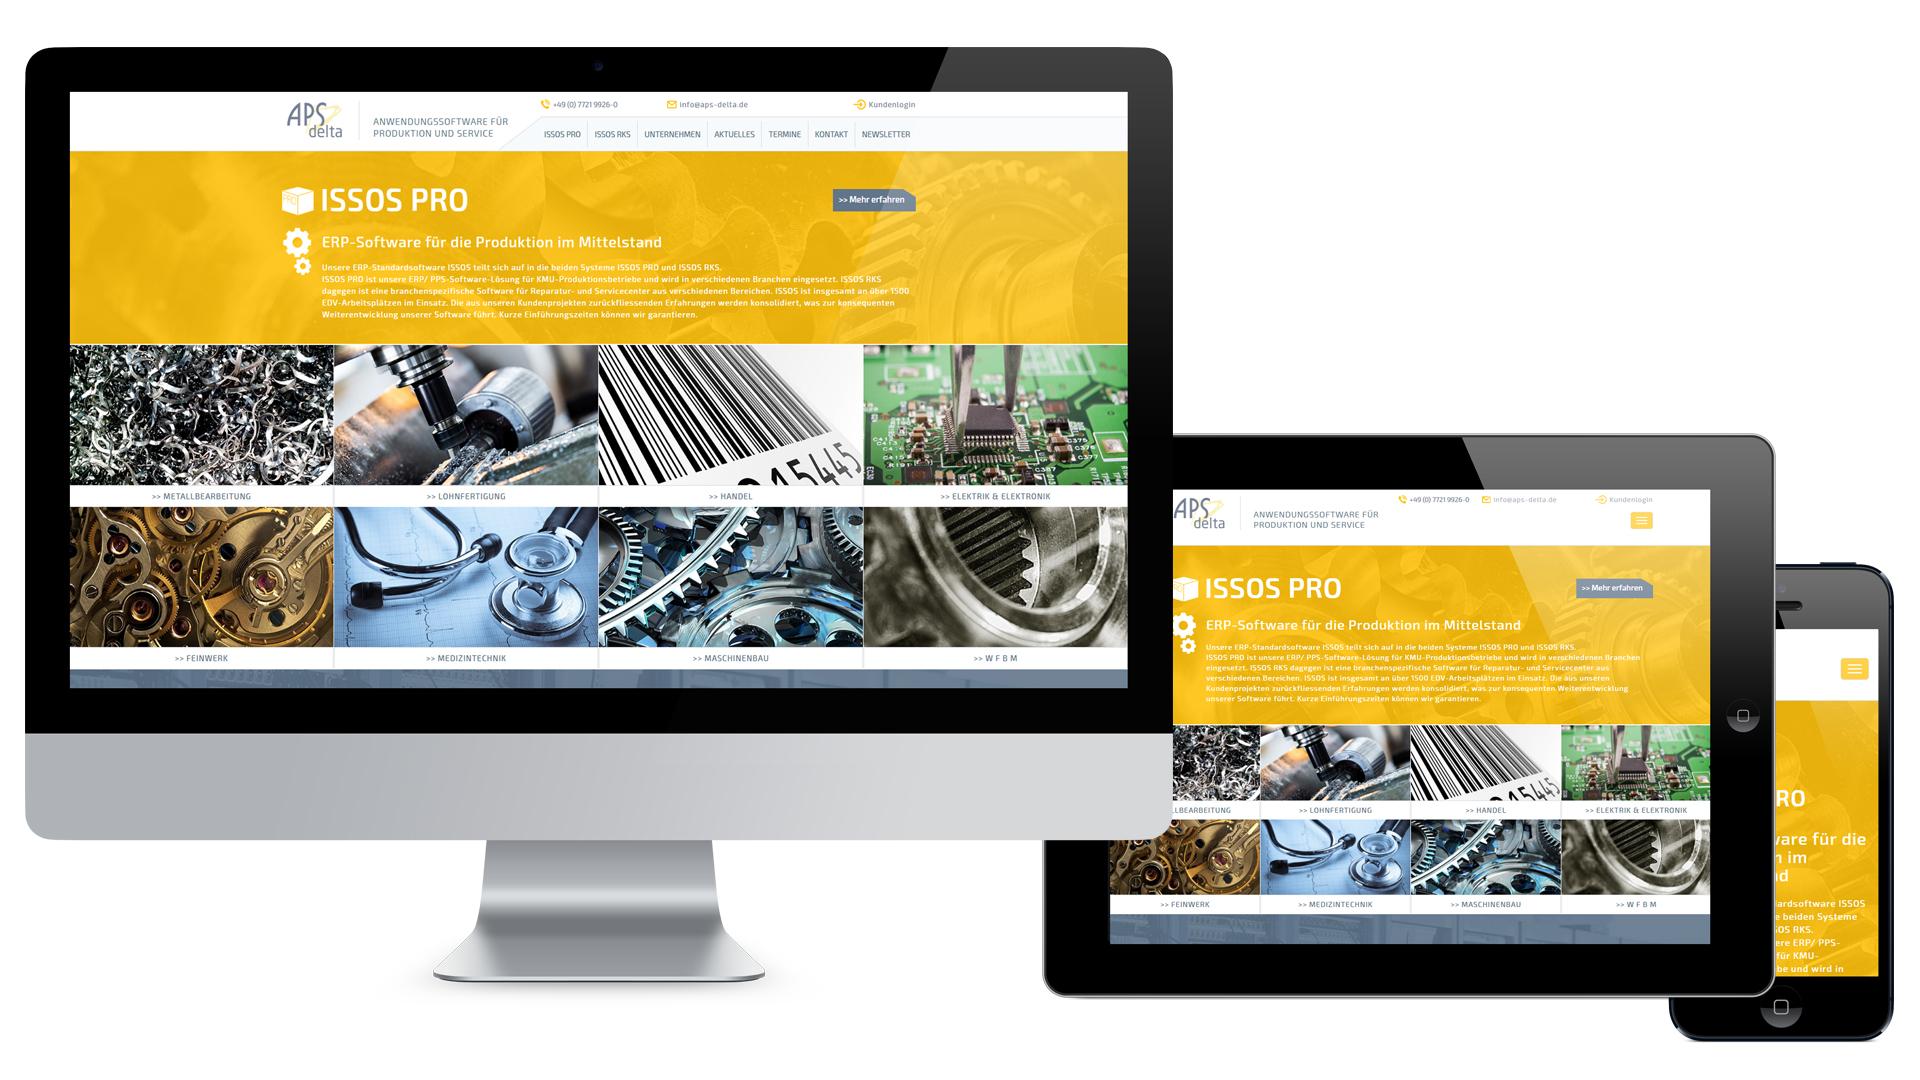 APS delta GmbH Web